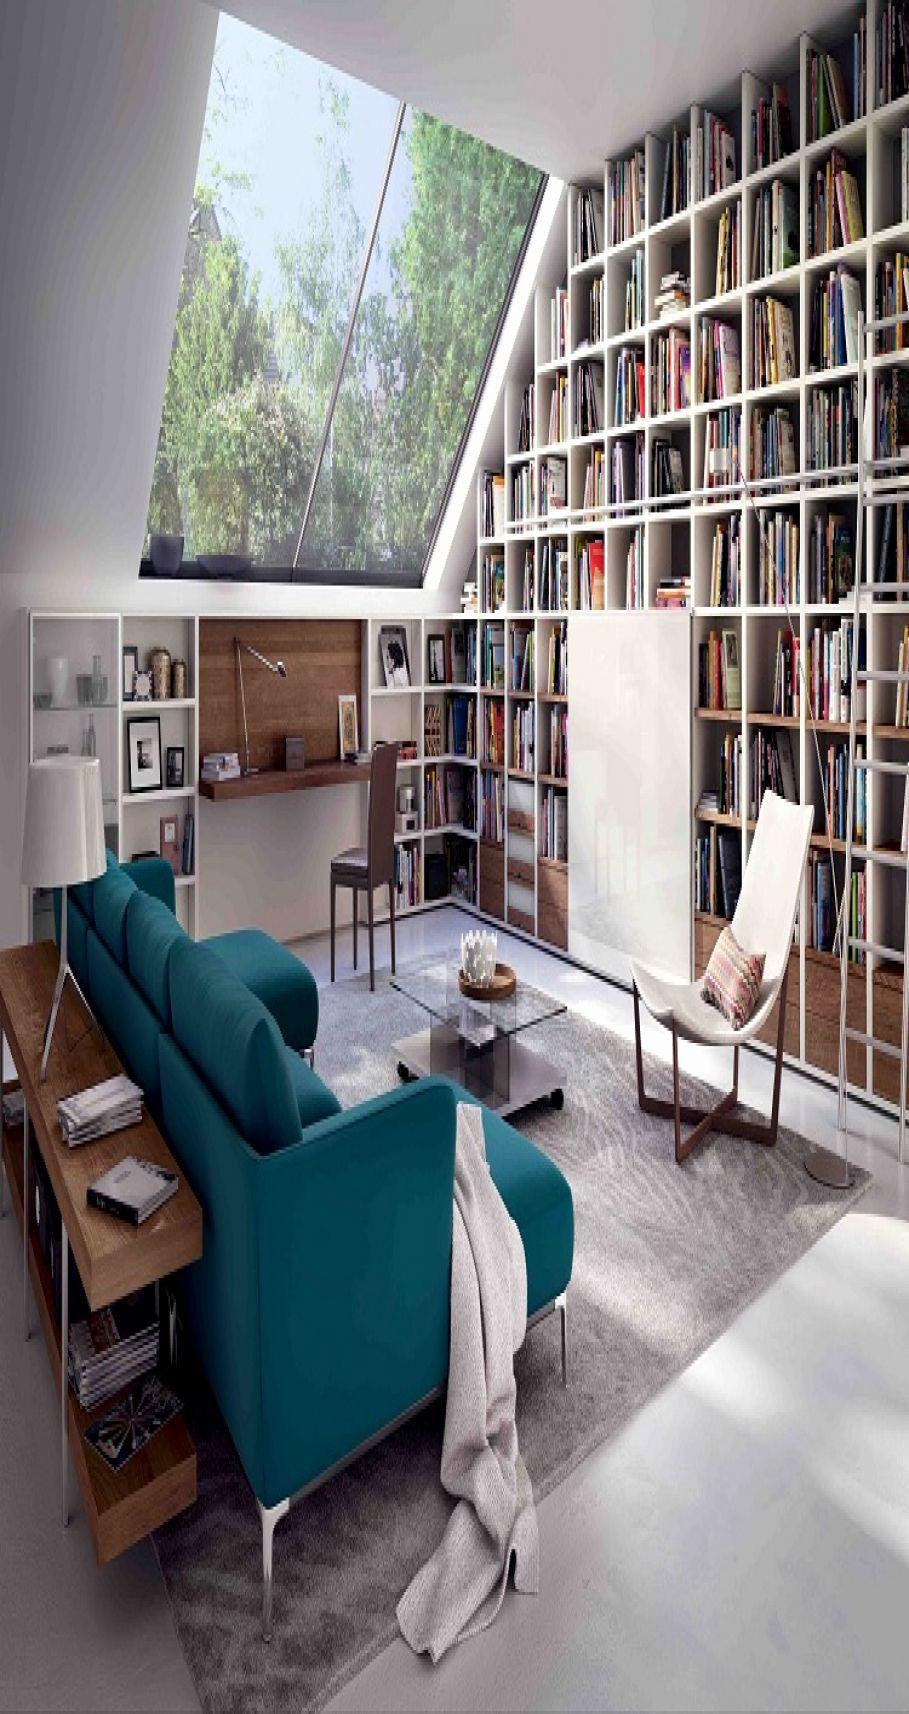 Wohnzimmer Einrichtung Ideen Raum Mit Dachschrage ...